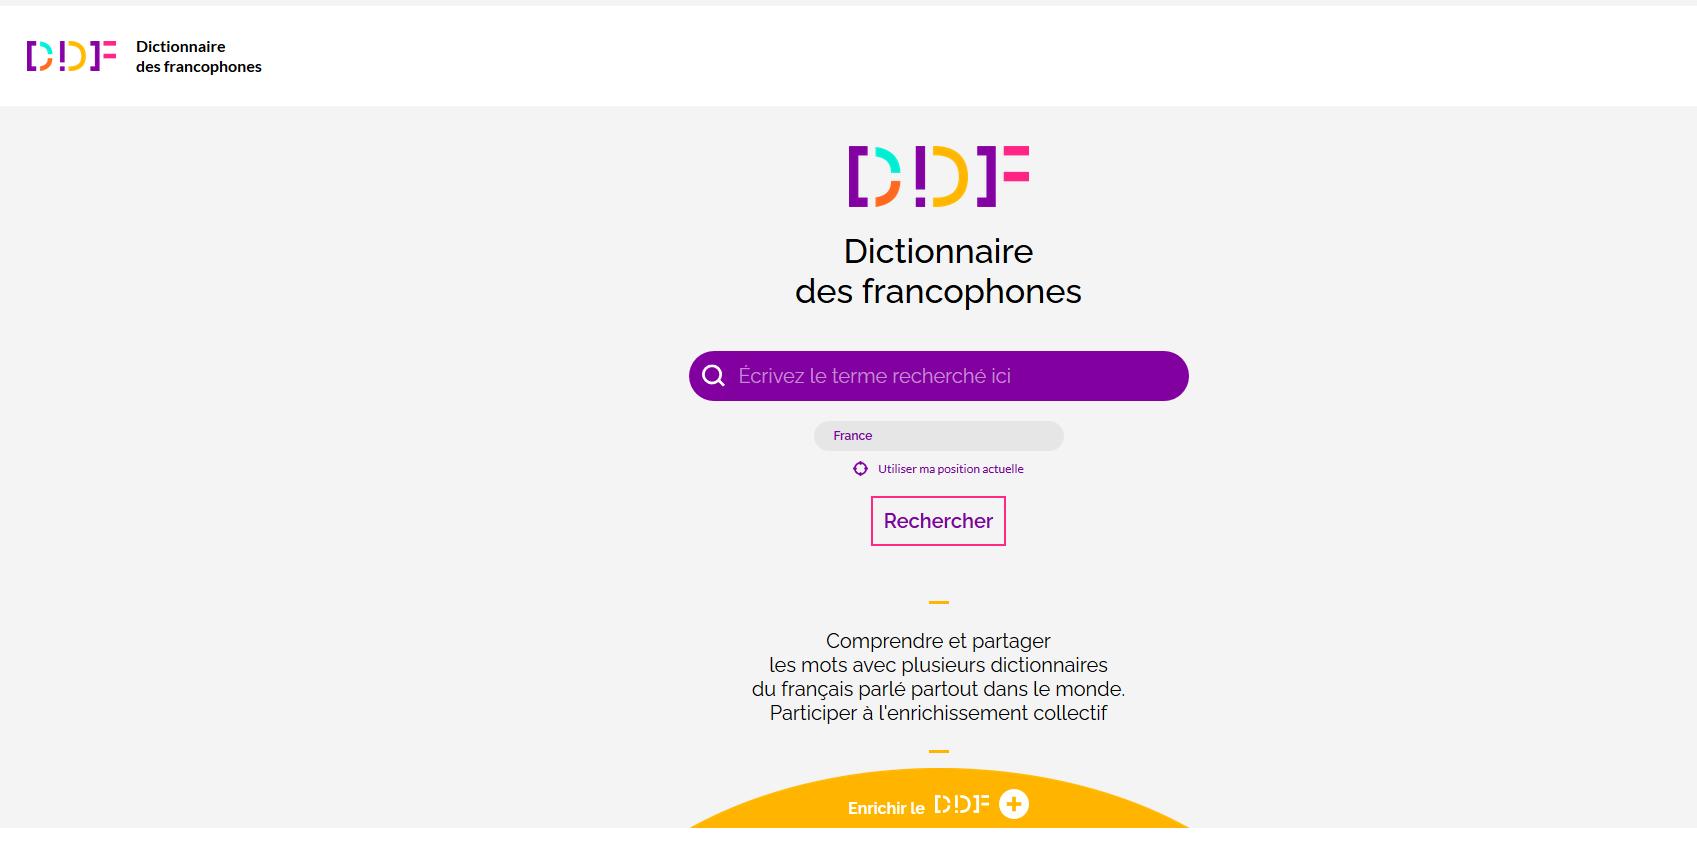 Captureécran dico des francophones